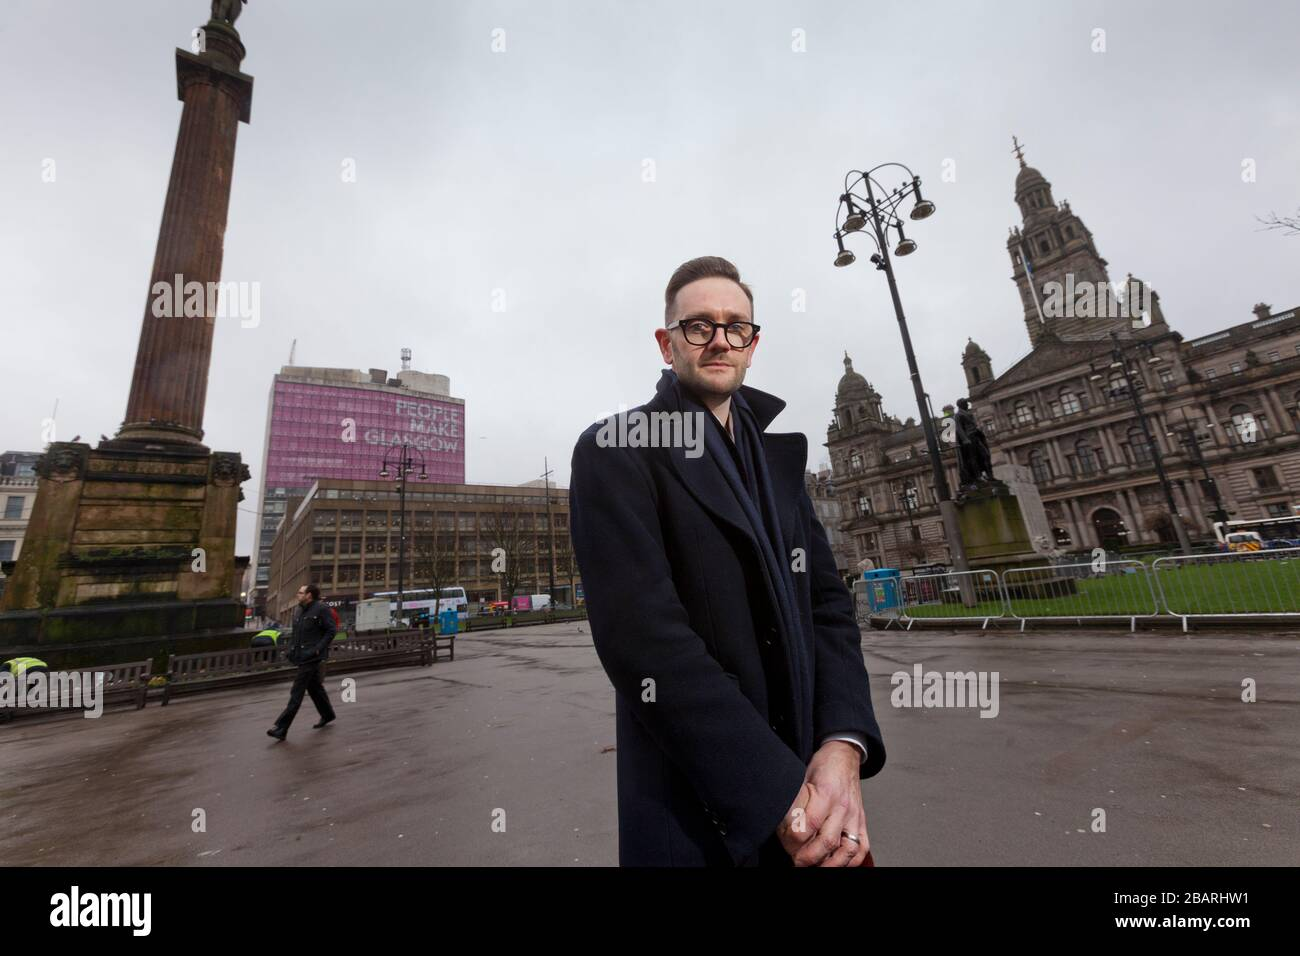 Chris Stark Directeur général du Comité des changements climatiques photographié à George Square, à Glasgow Banque D'Images